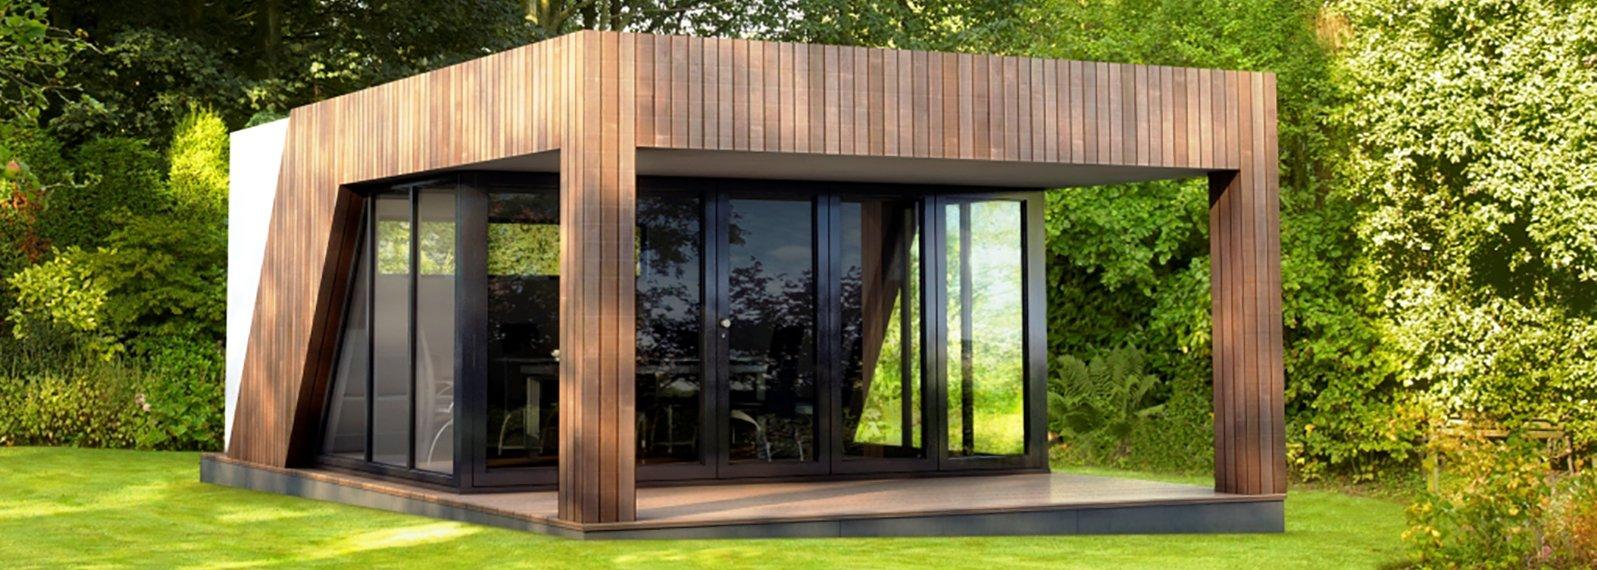 Studio Bureau De Jardin, Extension Maison Bois, Pool House à Abri De Jardin Habitable